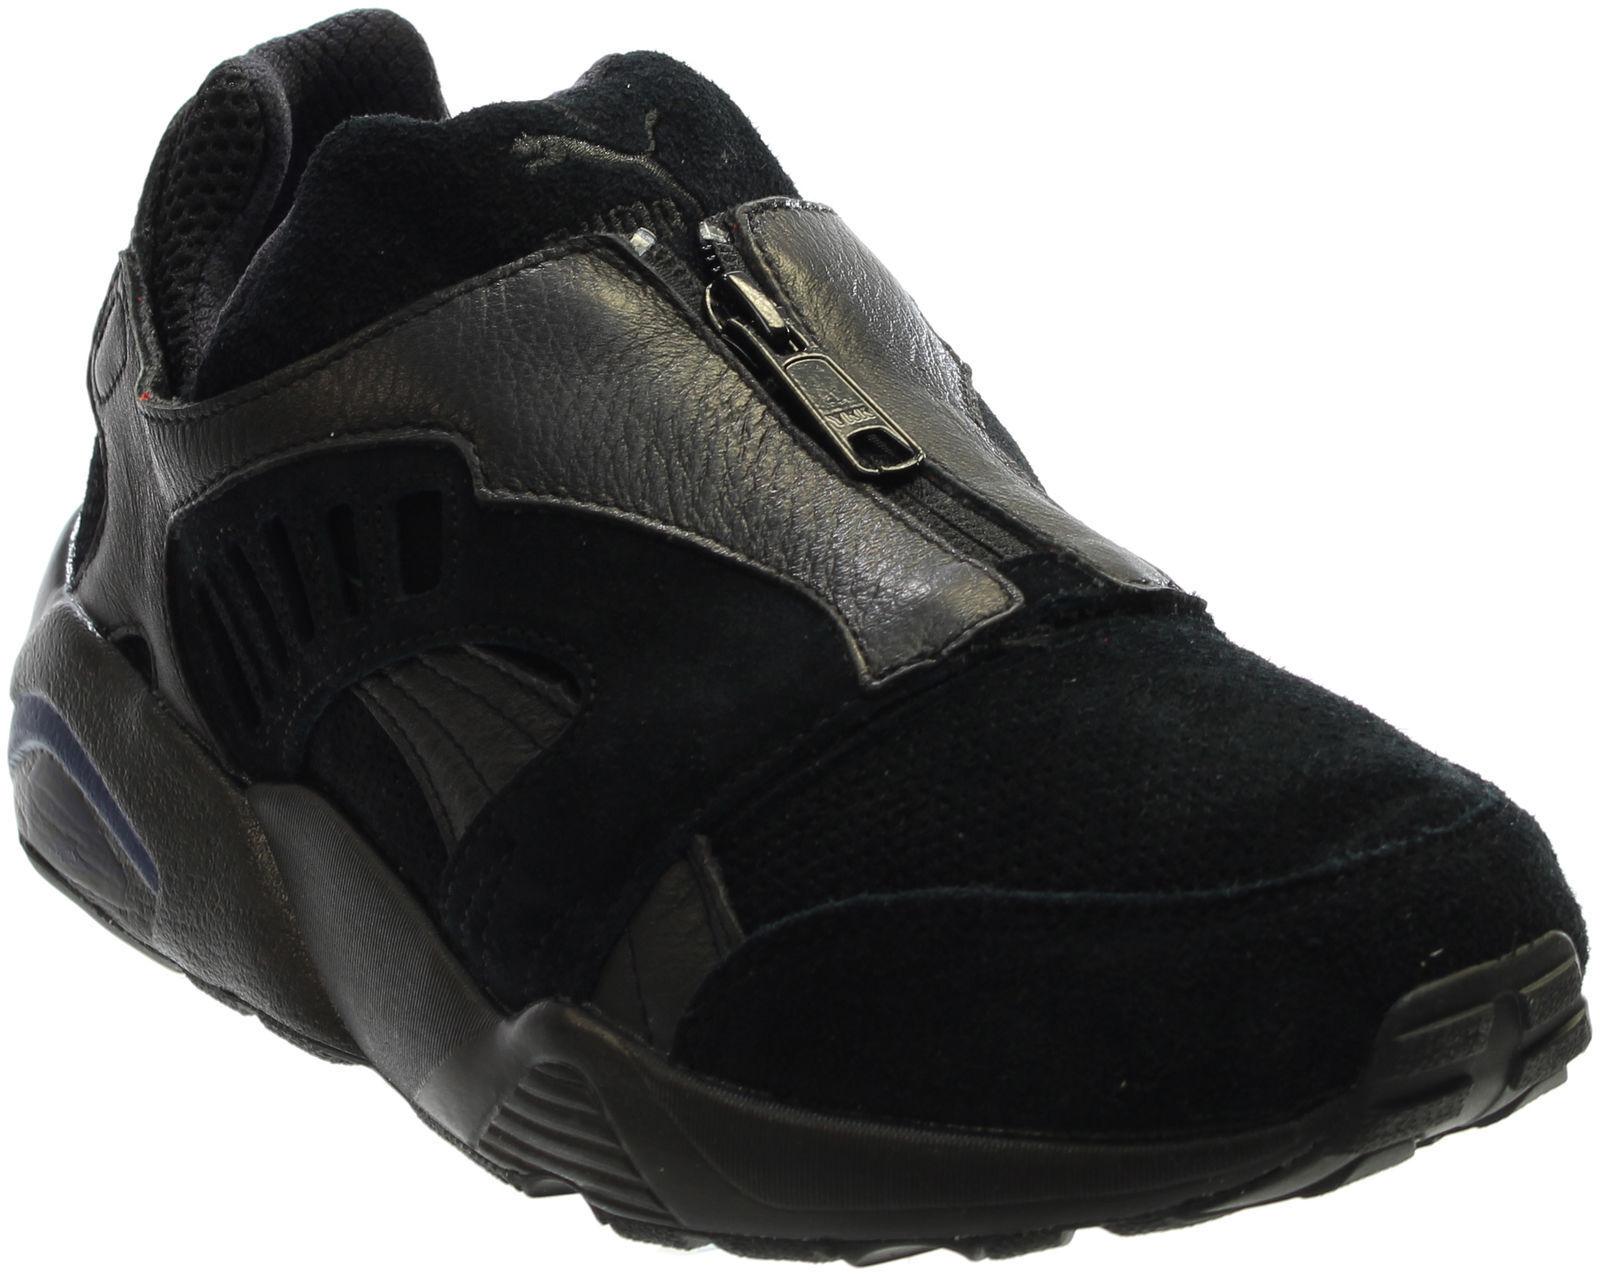 Puma trinomic zip mens schwarz - mens zip - größe. 29dd44